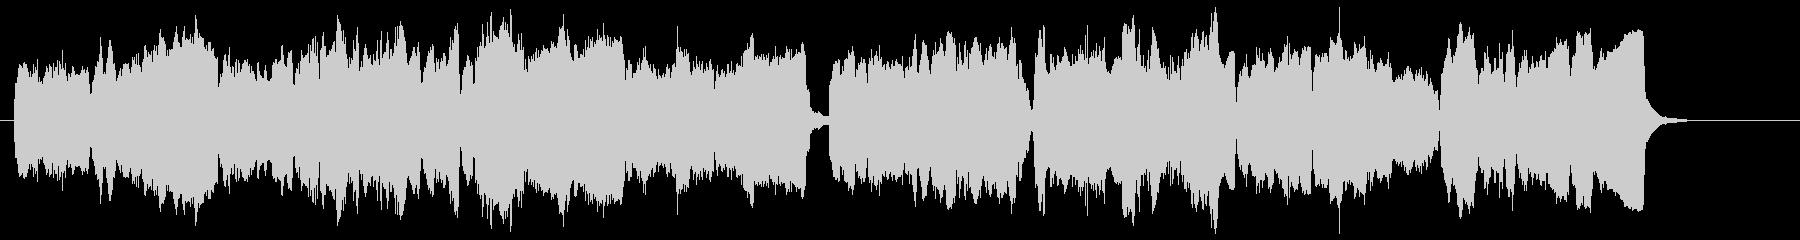 4本のトロンボーンが奏でるアンサンブルの未再生の波形